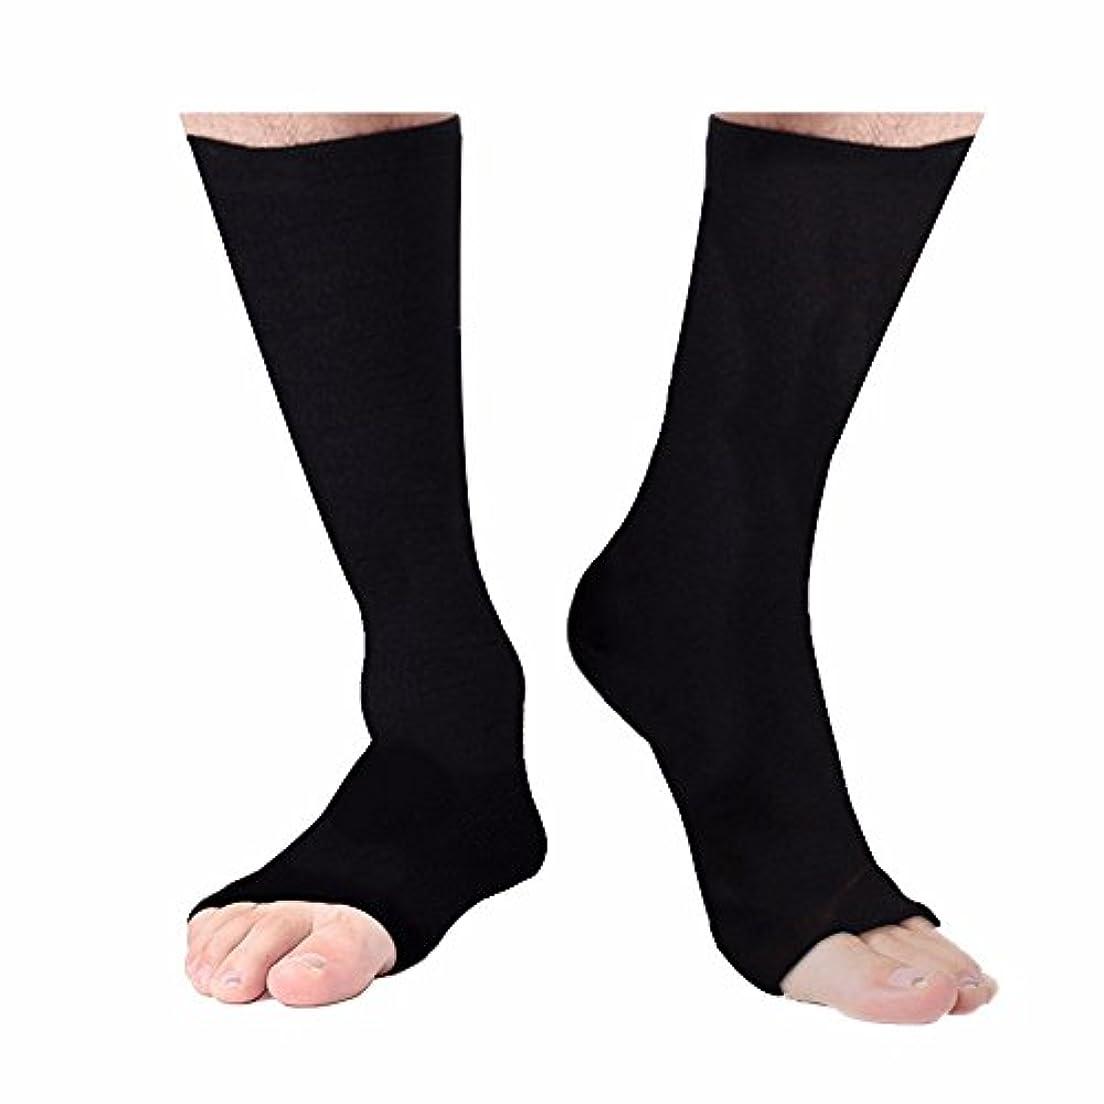 土地震えるワイドYartar 着圧ソックス オープントゥ 段階圧力 ハイソックス 膝下 むくみ対策 男女兼用 Open Toe Pressure Socks (ブラック, L:35cm)